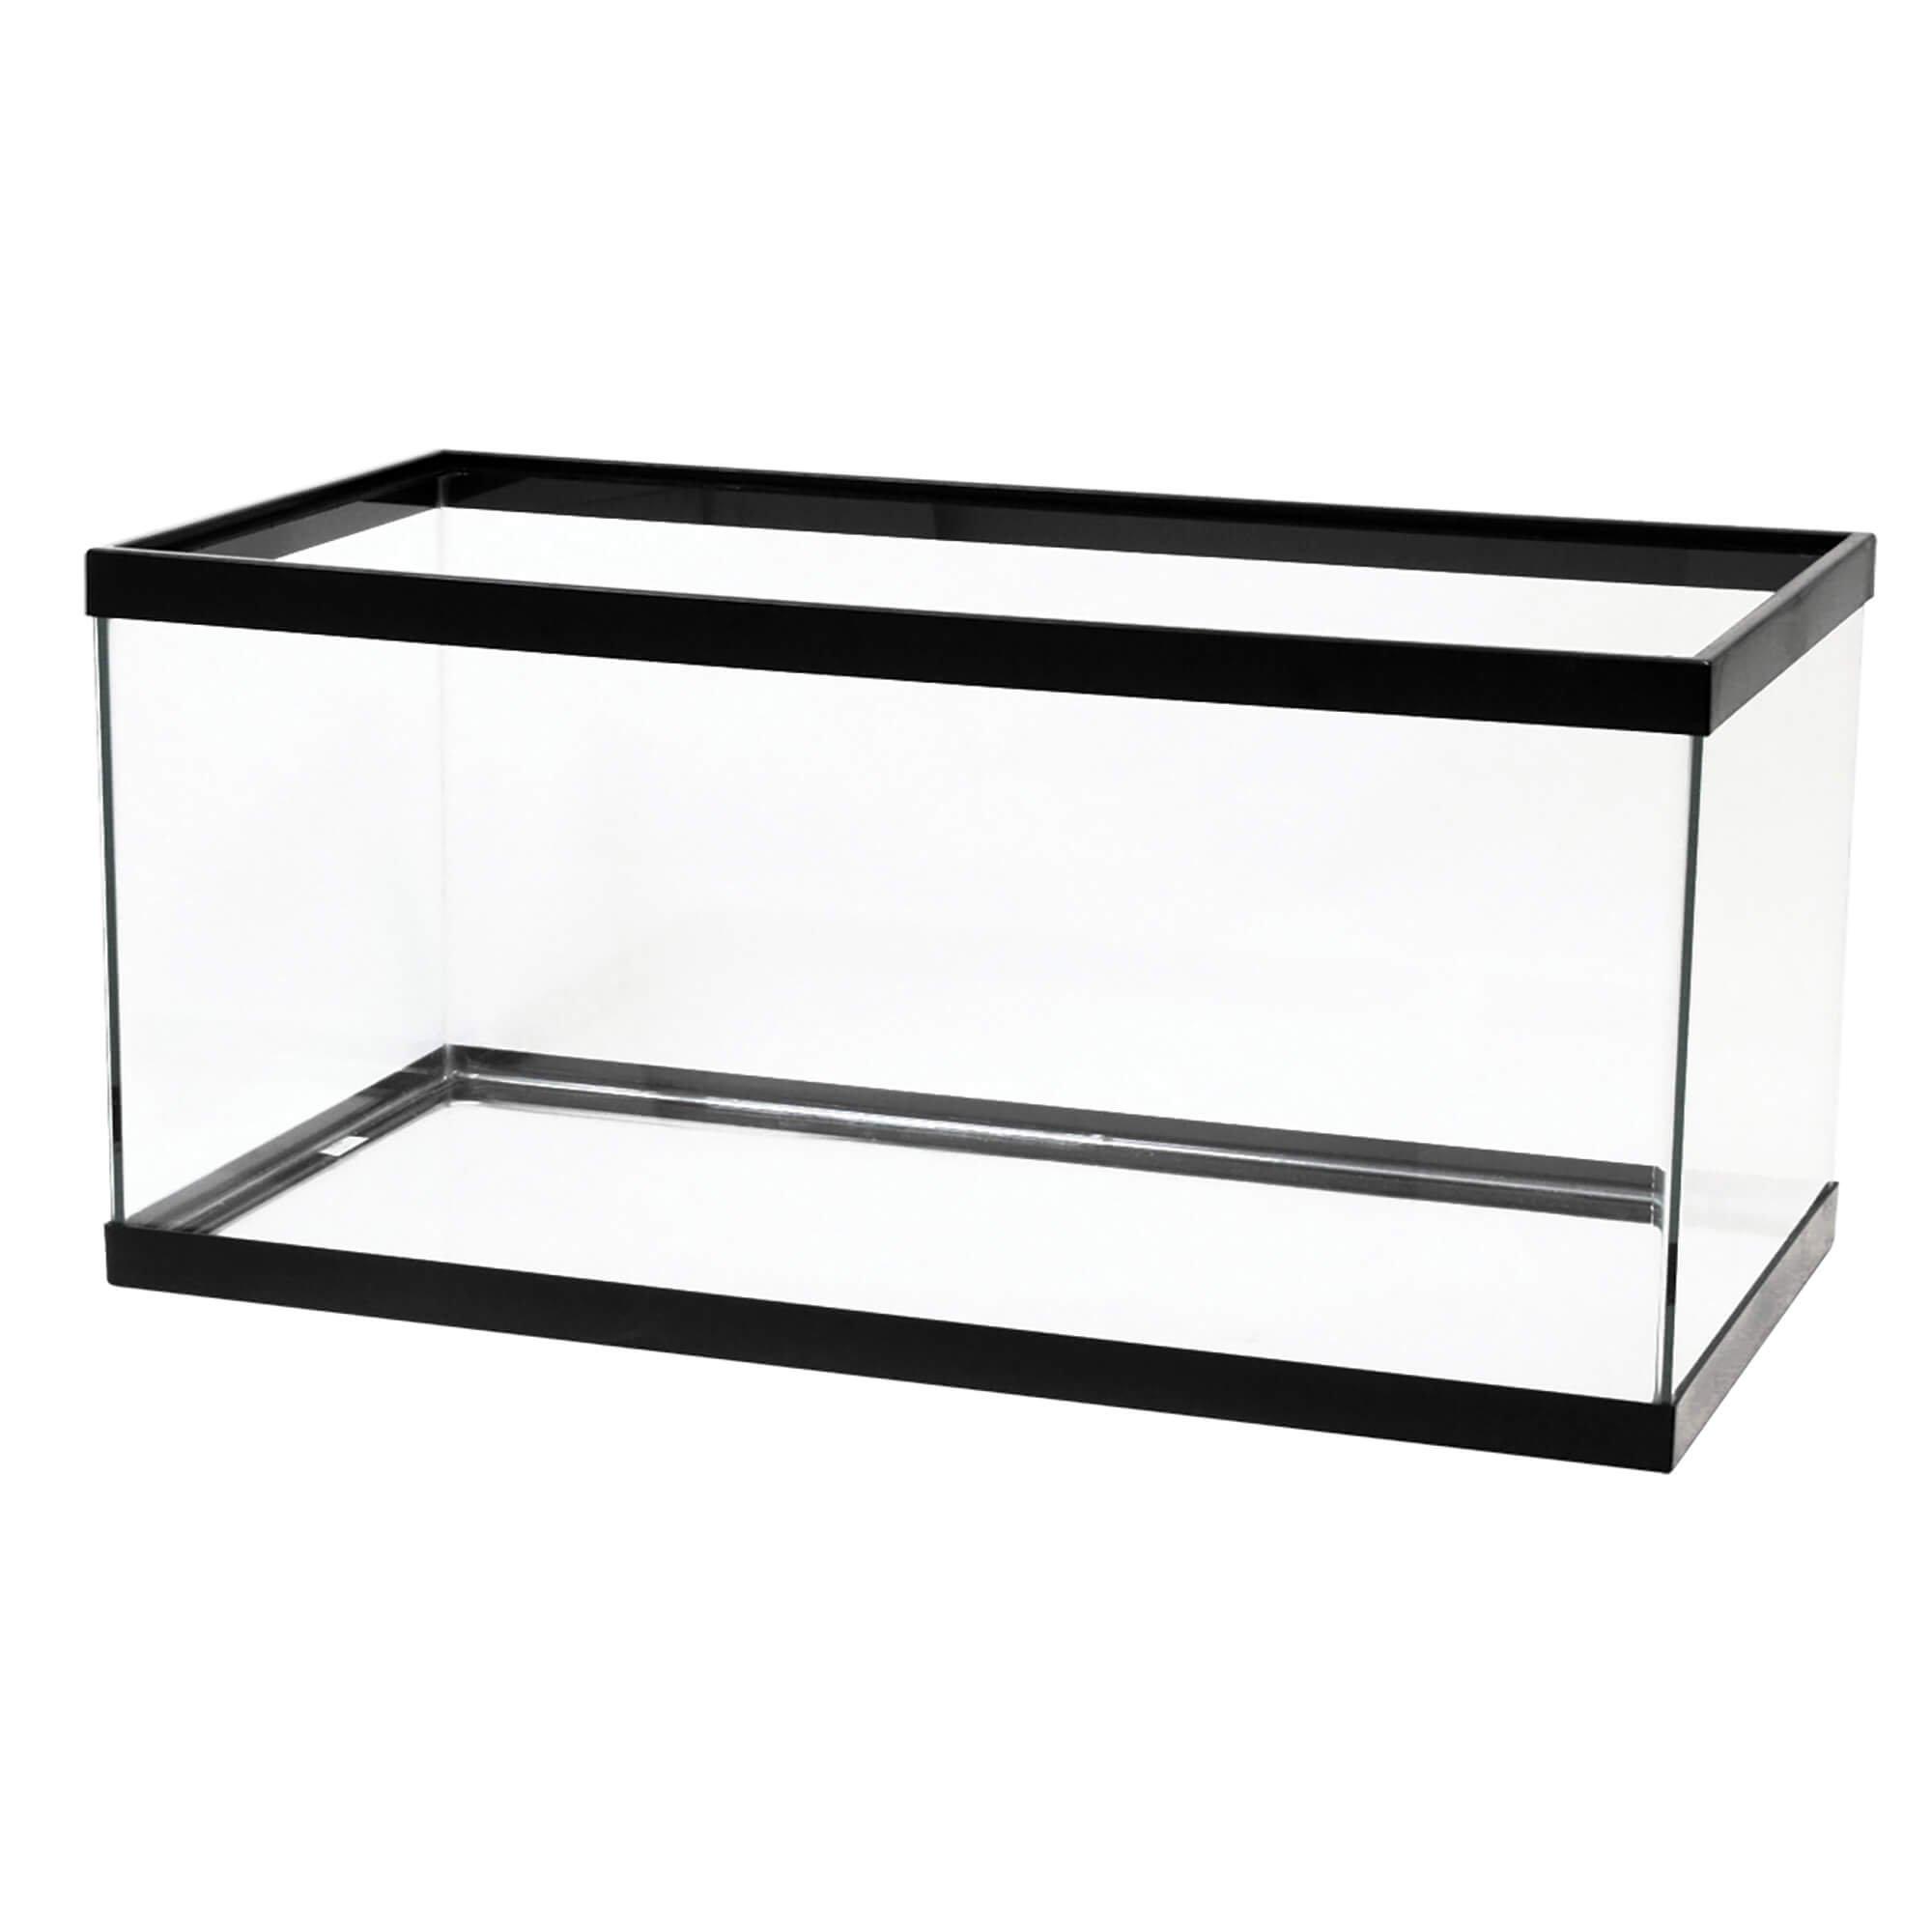 https://petco.scene7.com/is/image/PETCO/170968-center-1?$Cart-medium$